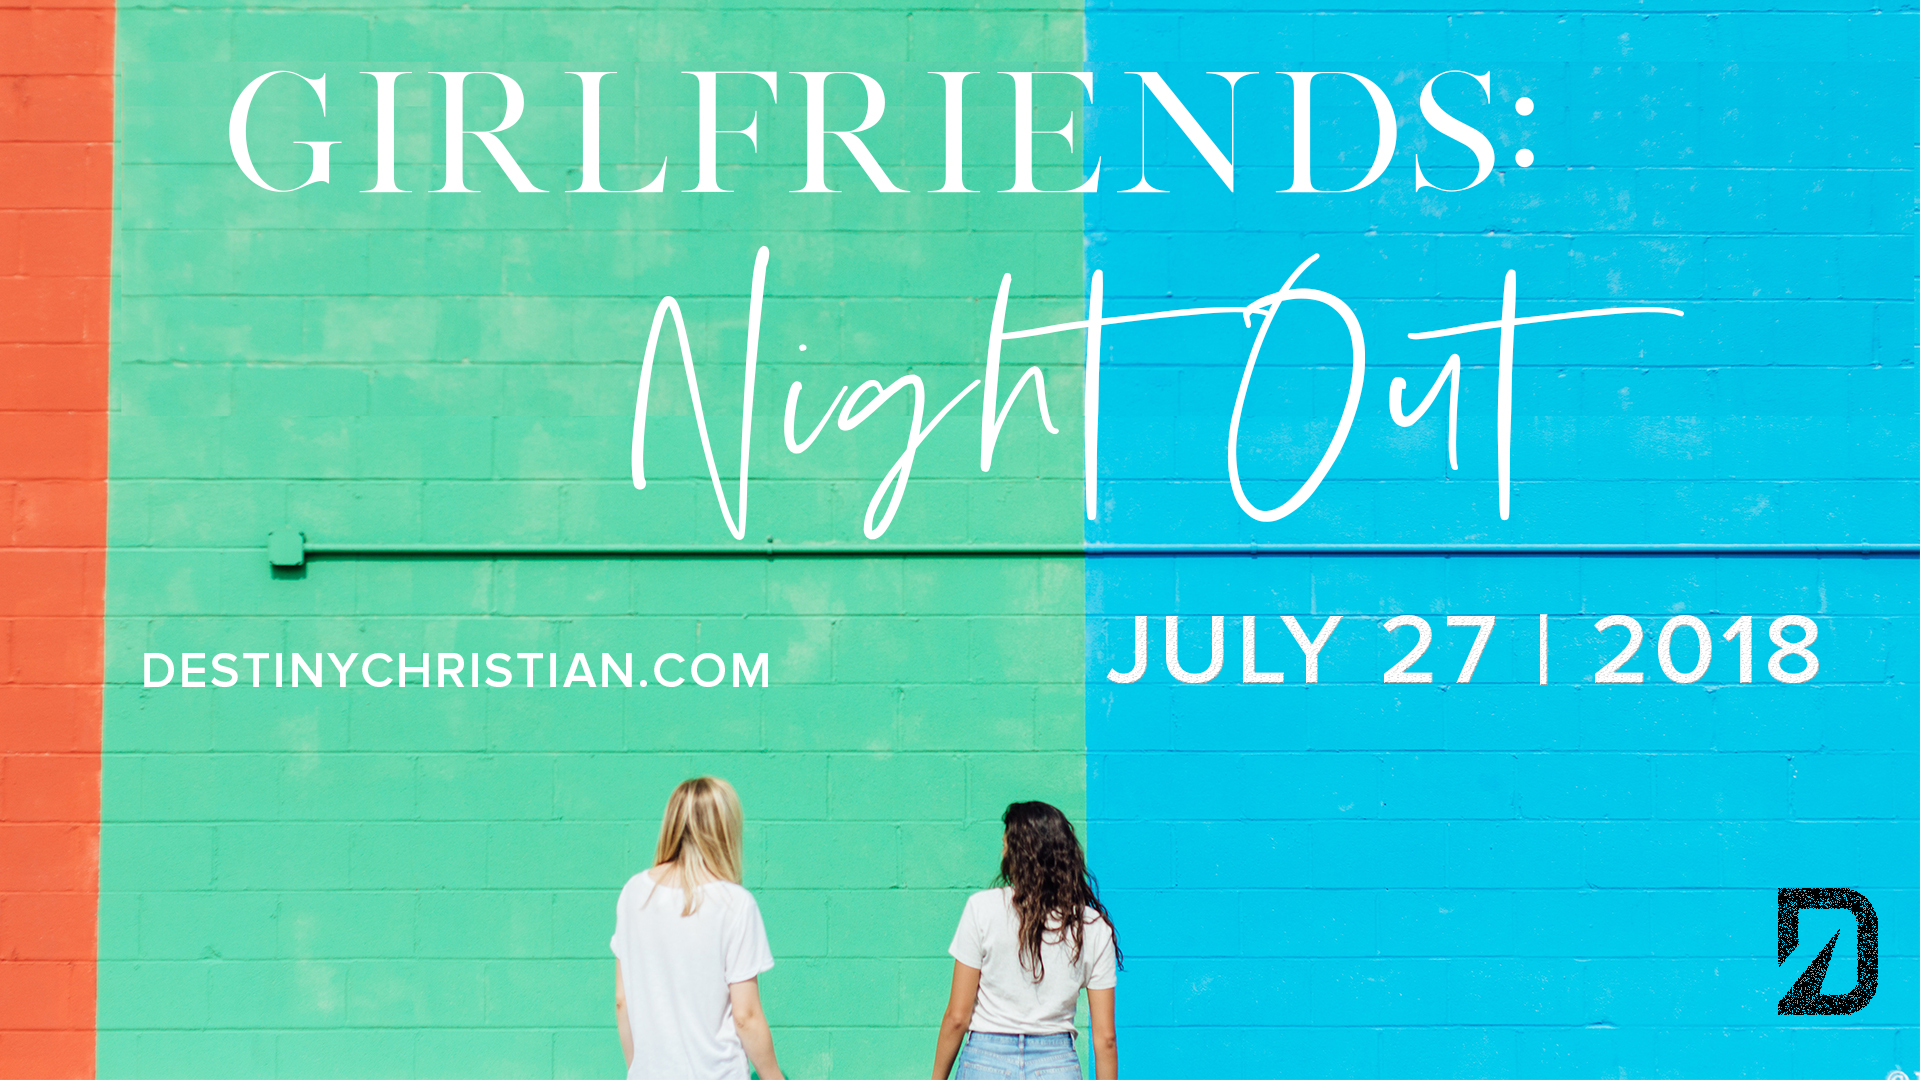 GirlfriendsNightOut_2018_v2.jpg